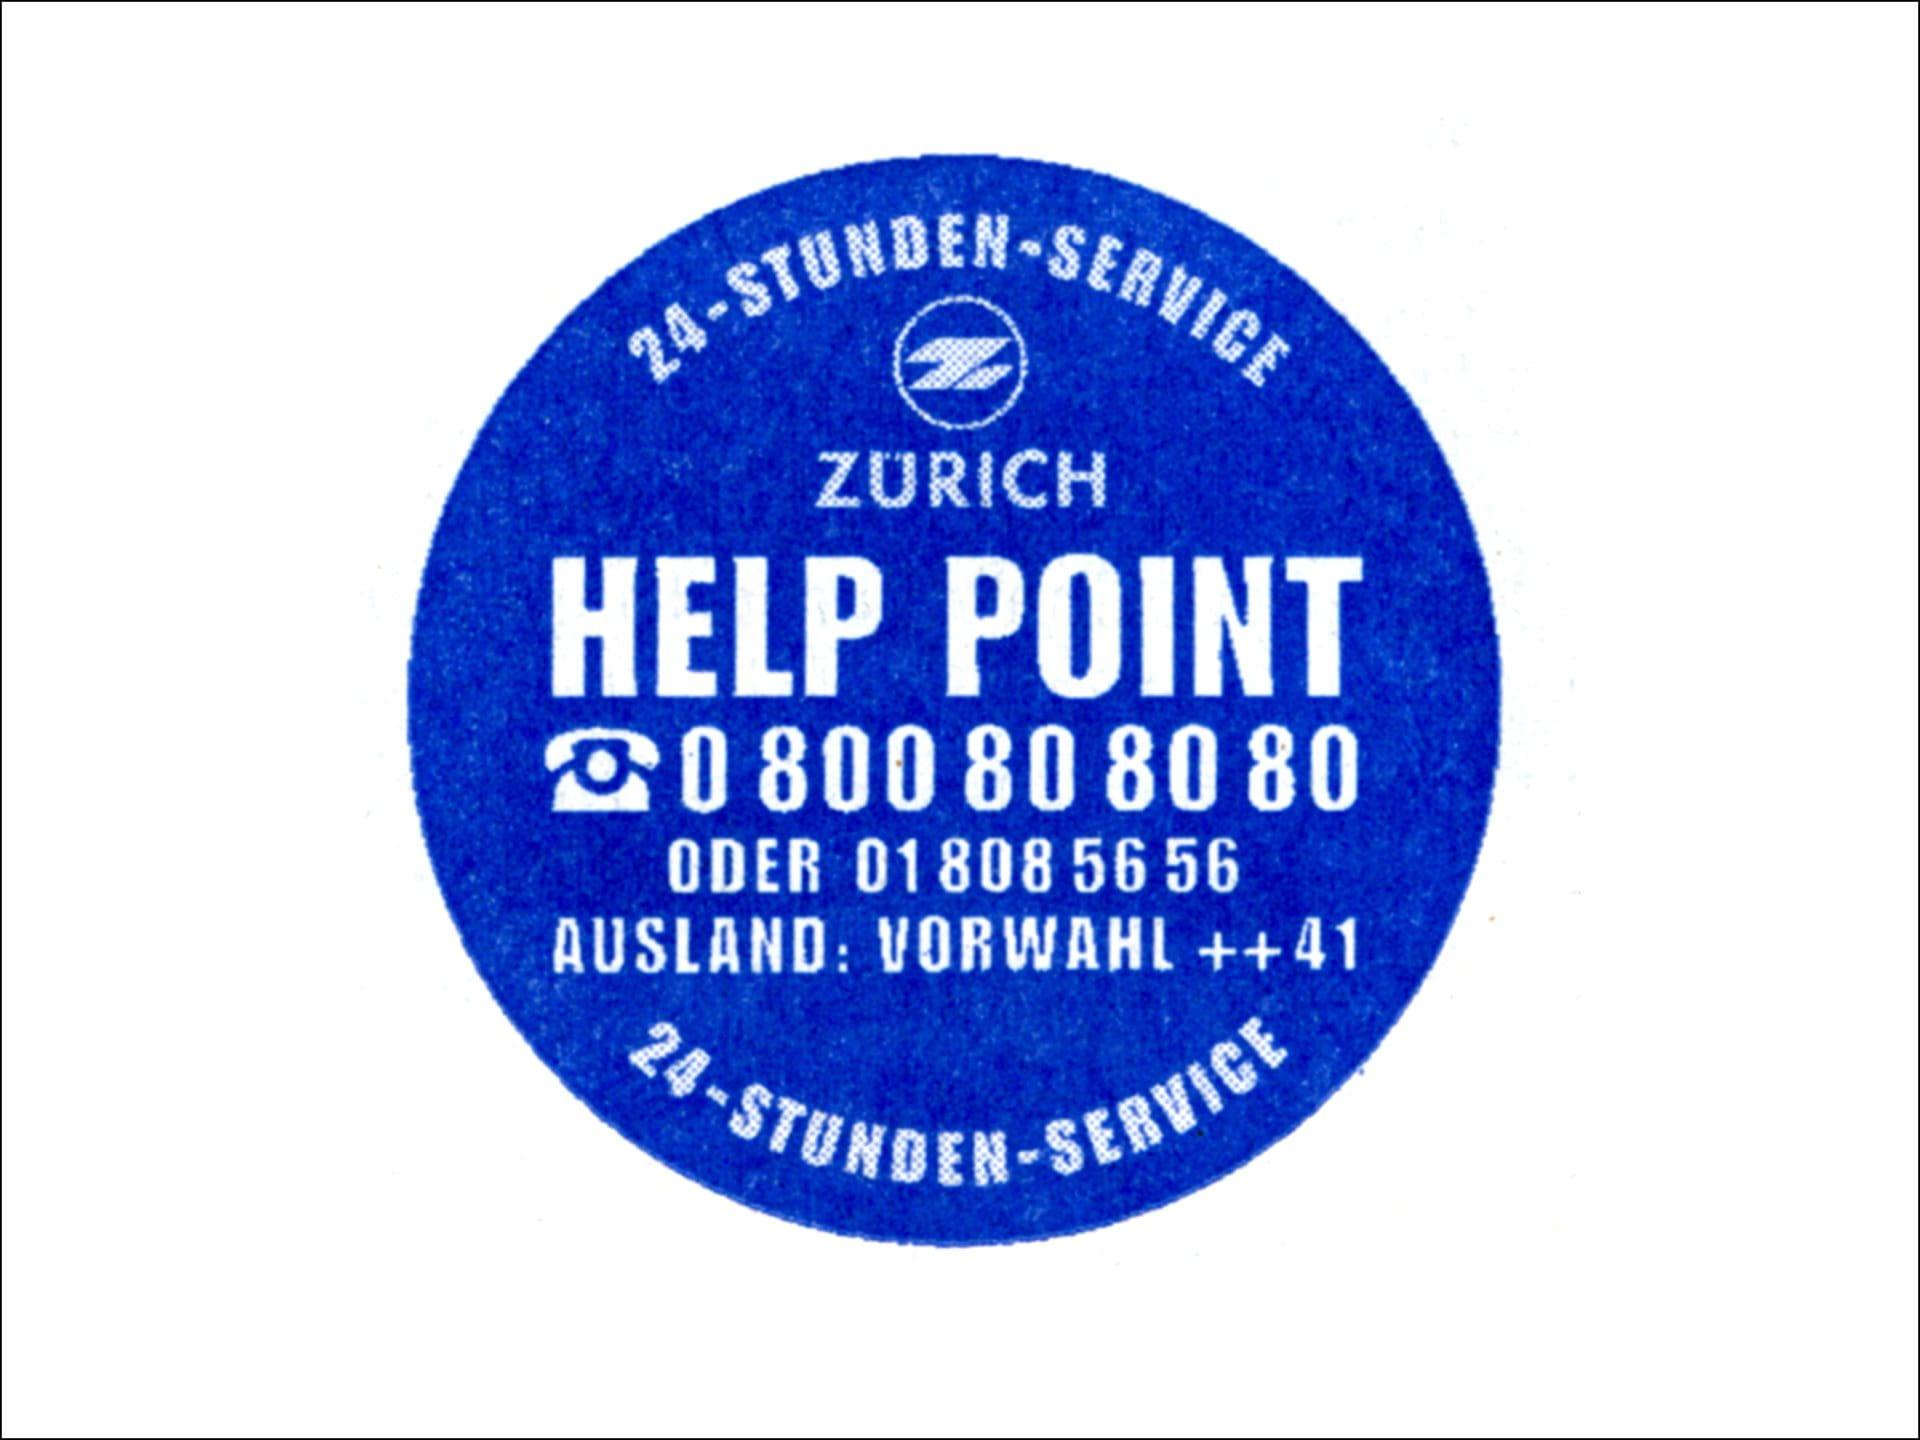 1997: Einführung Help Points